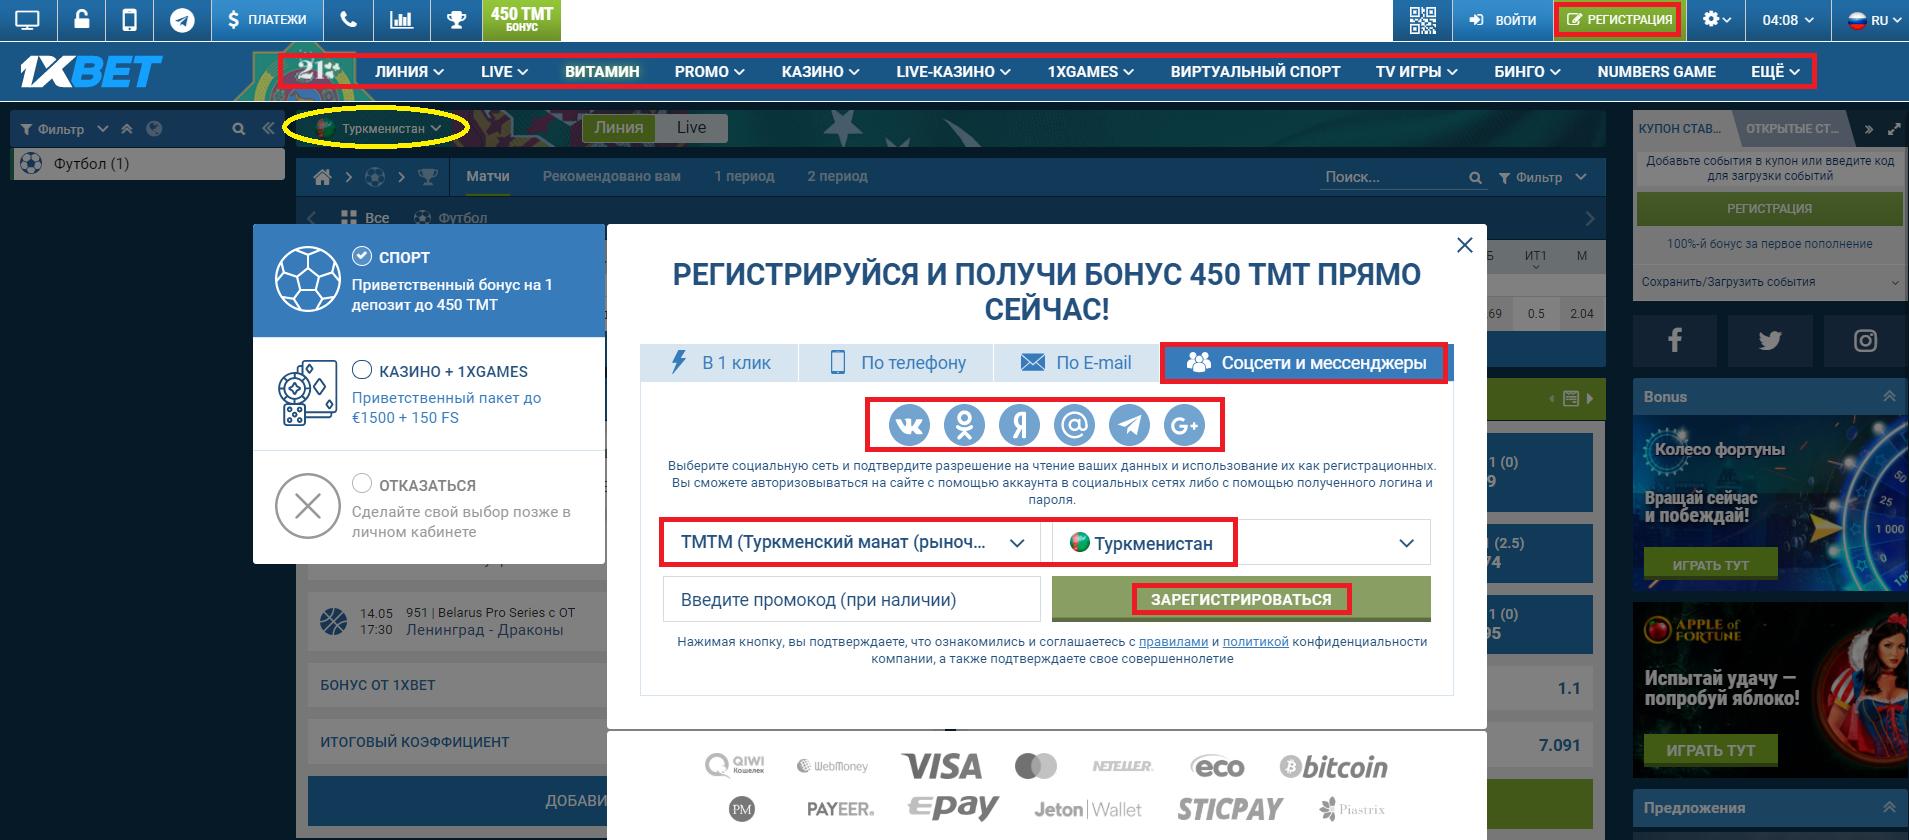 Регистрация через аккаунты в социальных сетях в 1хБет